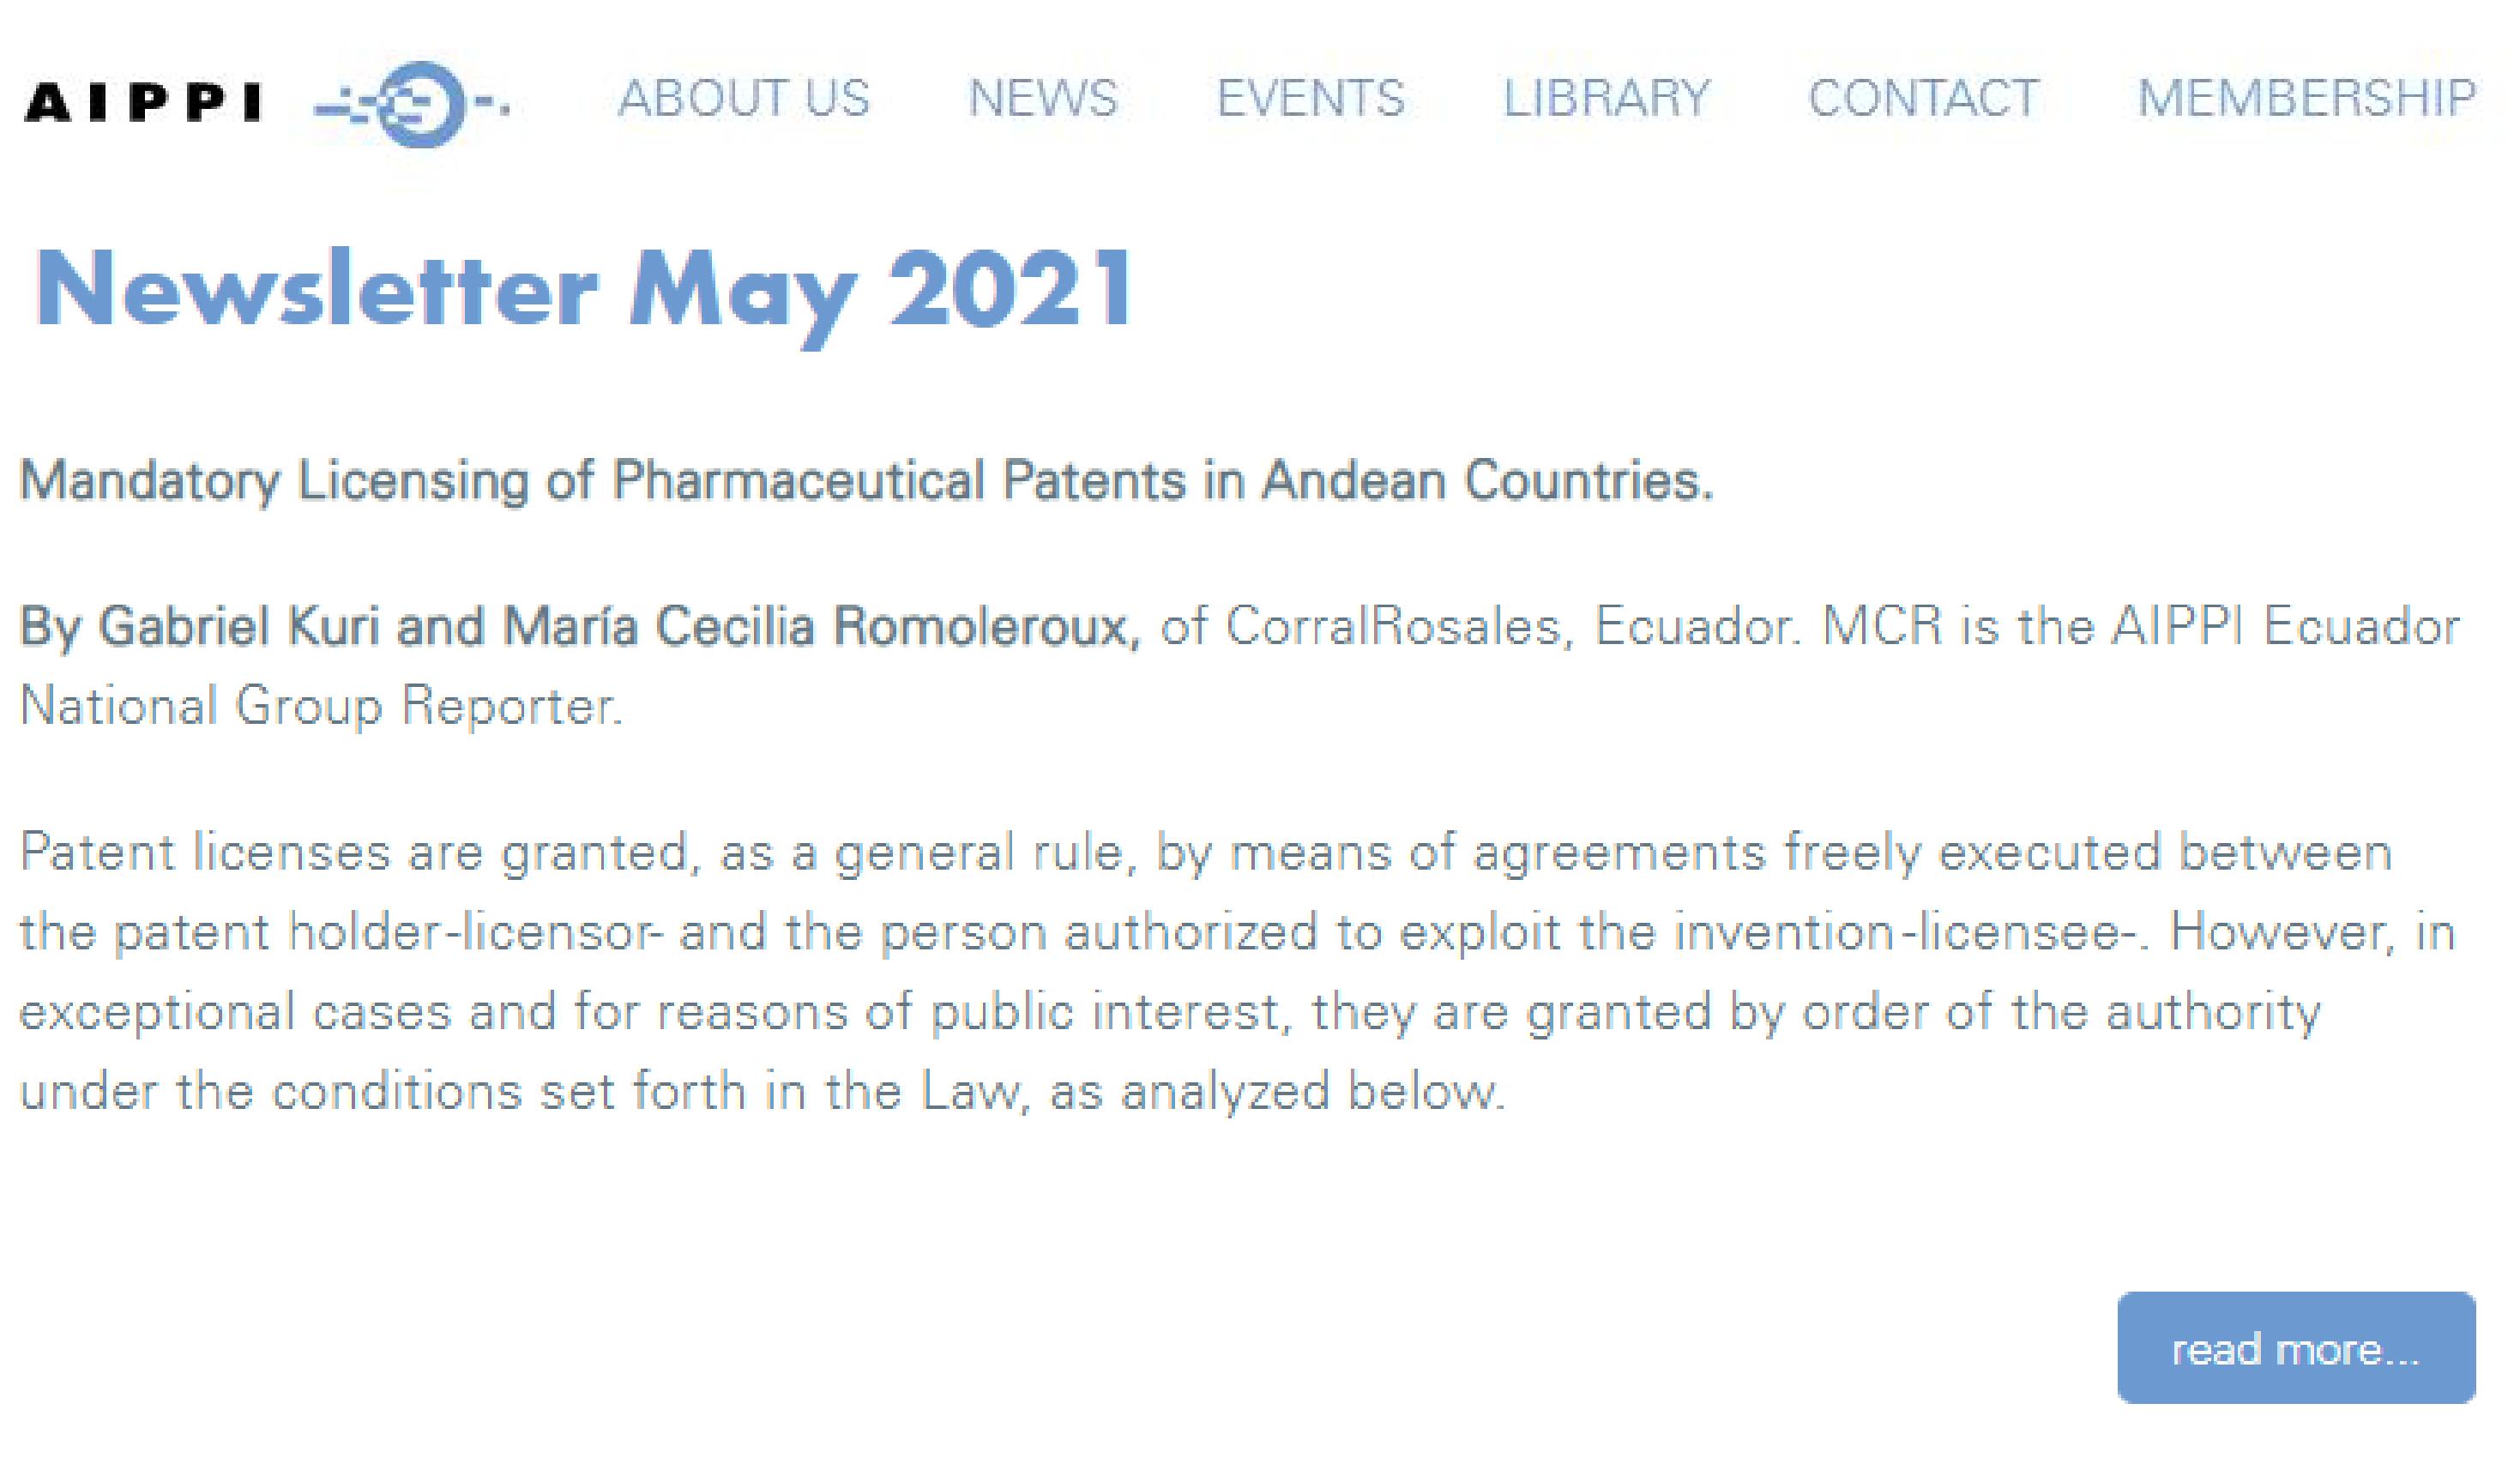 AIPPI - Licencias obligatorias de patentes farmacéuticas en los países andinos - CorralRosales - Abogados Ecuador